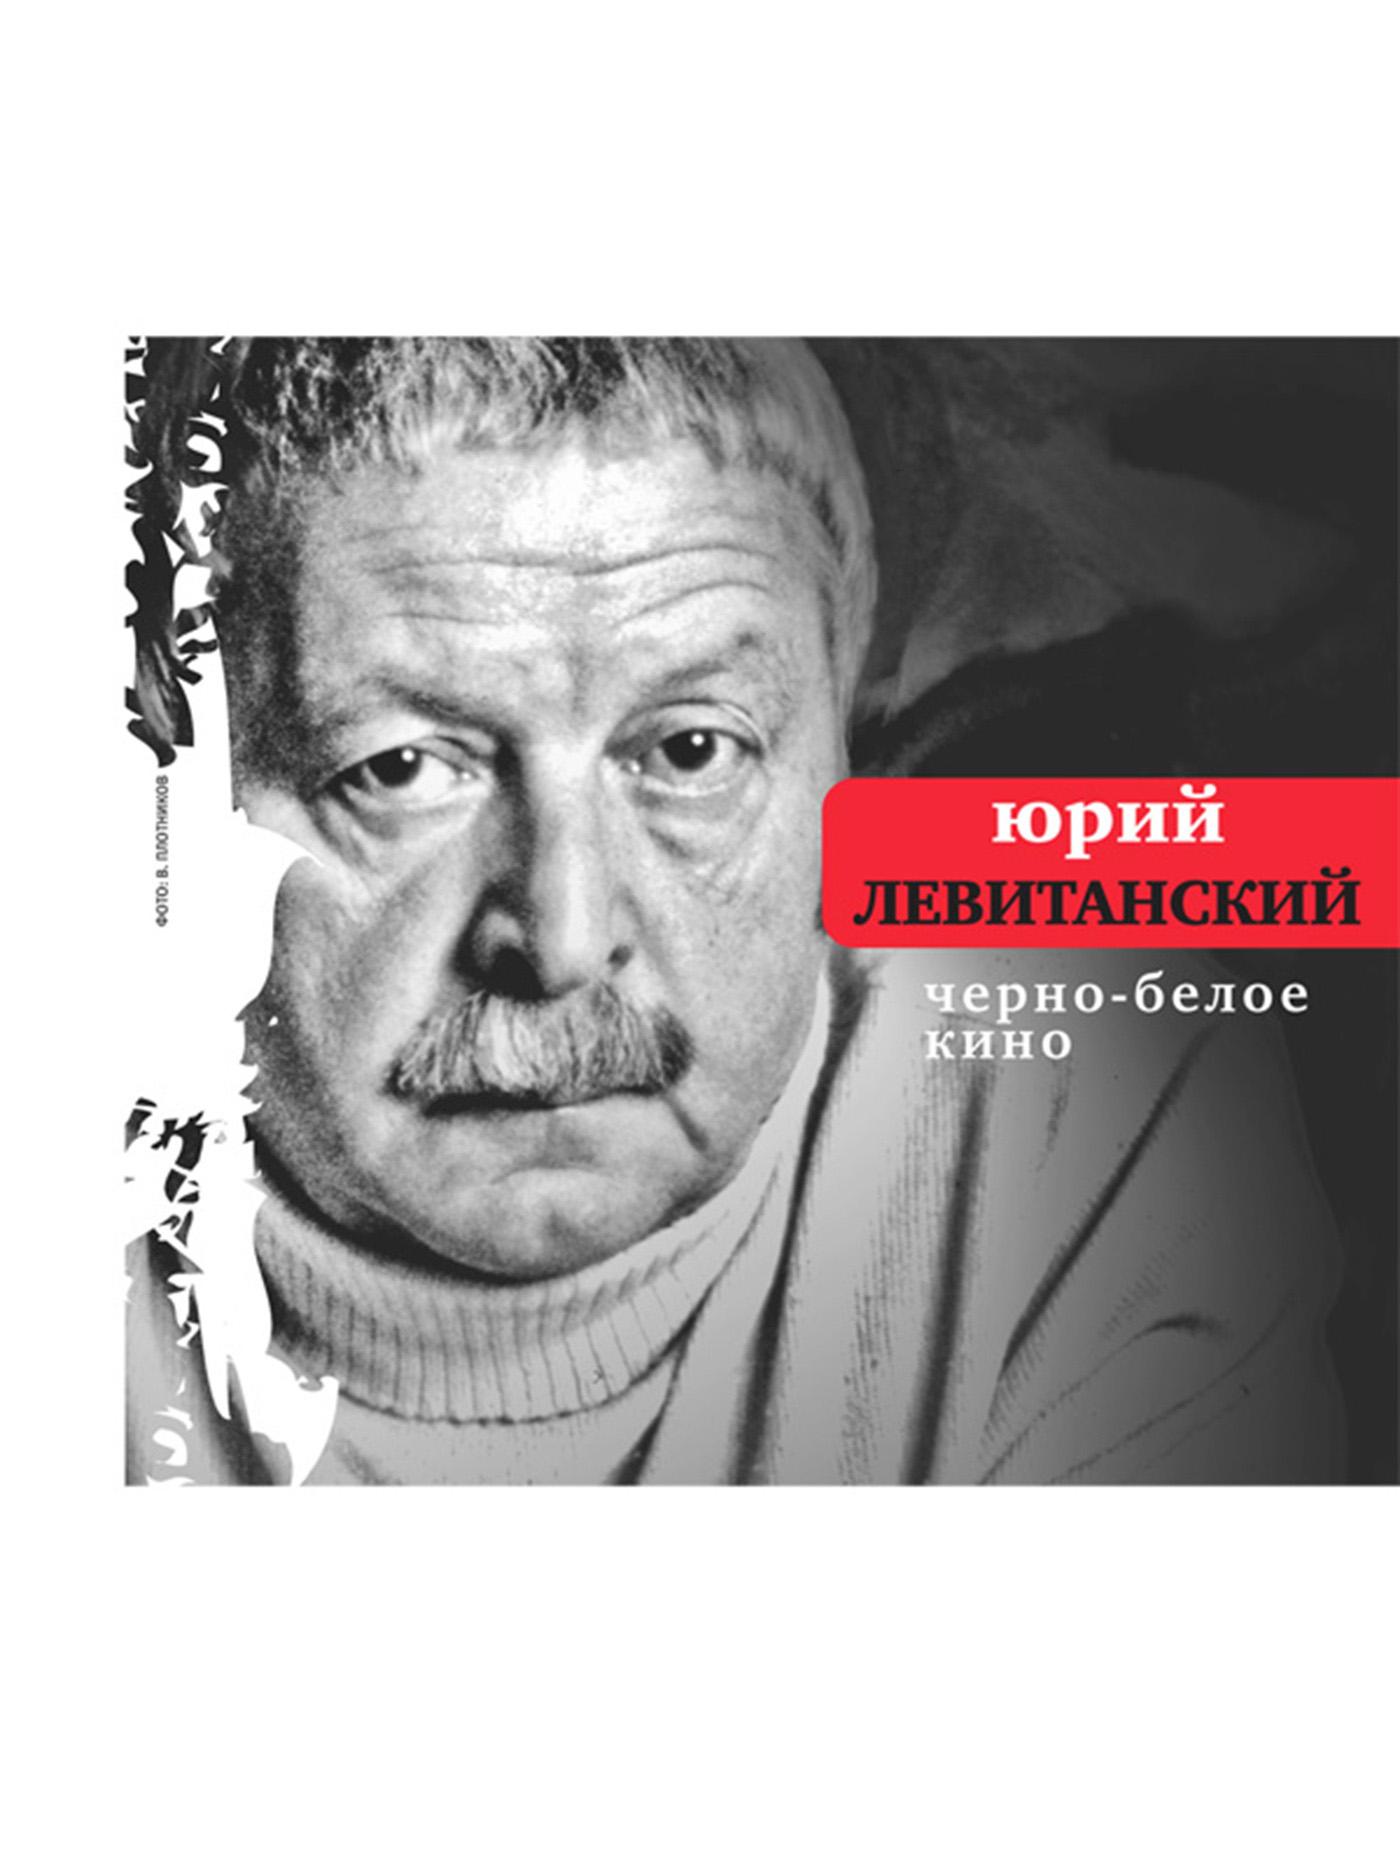 Юрий Левитанский Черно-белое кино (сборник) юрий рытхэу белые снега